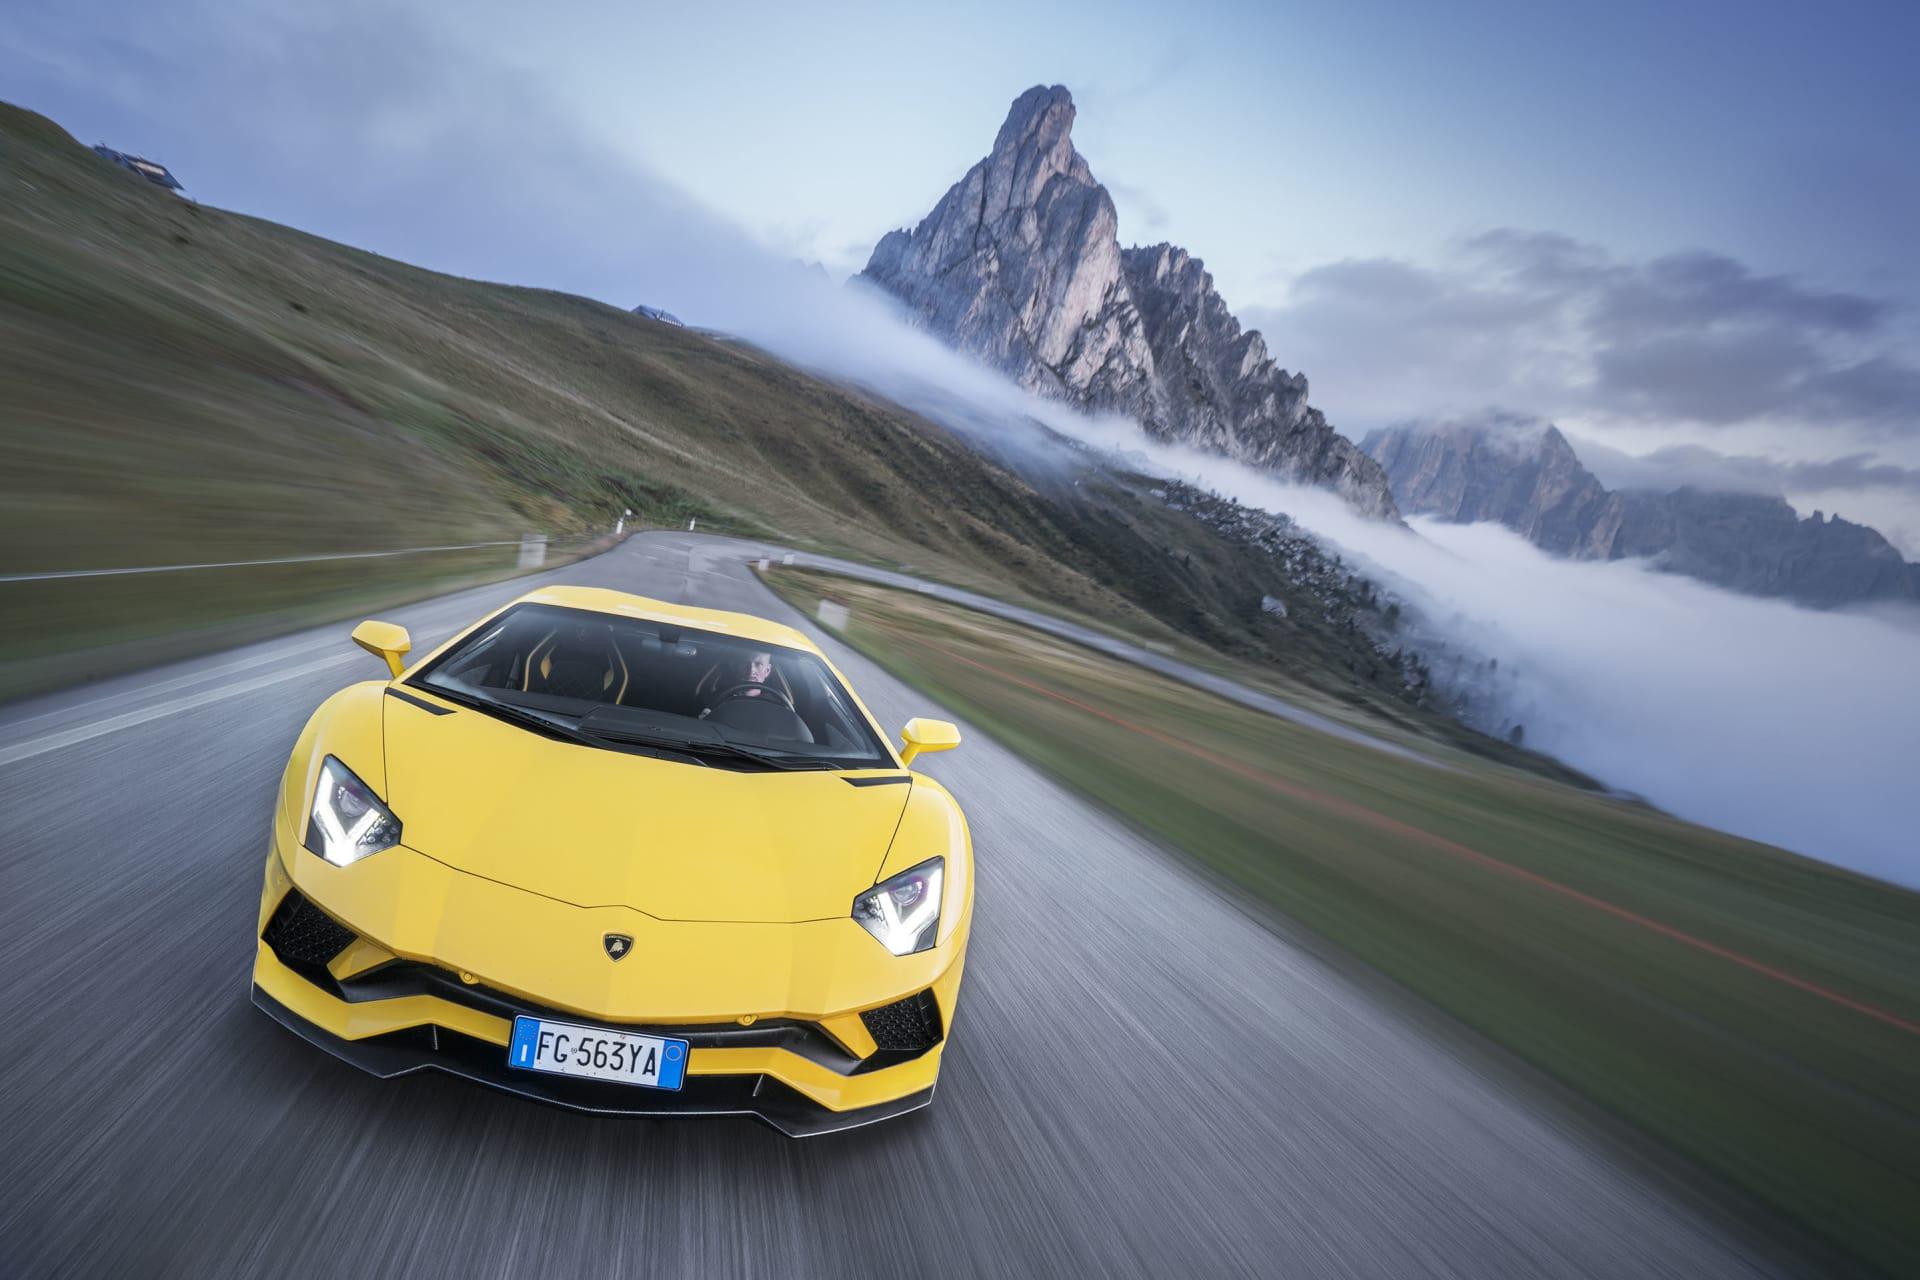 Fortfarande med lika mycket hetlevrat blod som sina föregångare visar Lamborghini var skåpet ska stå när det kommer till sina V12-försedda tjurar. Aventador S fortsätter sagan med ny teknik som fyrhjulsstyrning och ännu mer kraft.